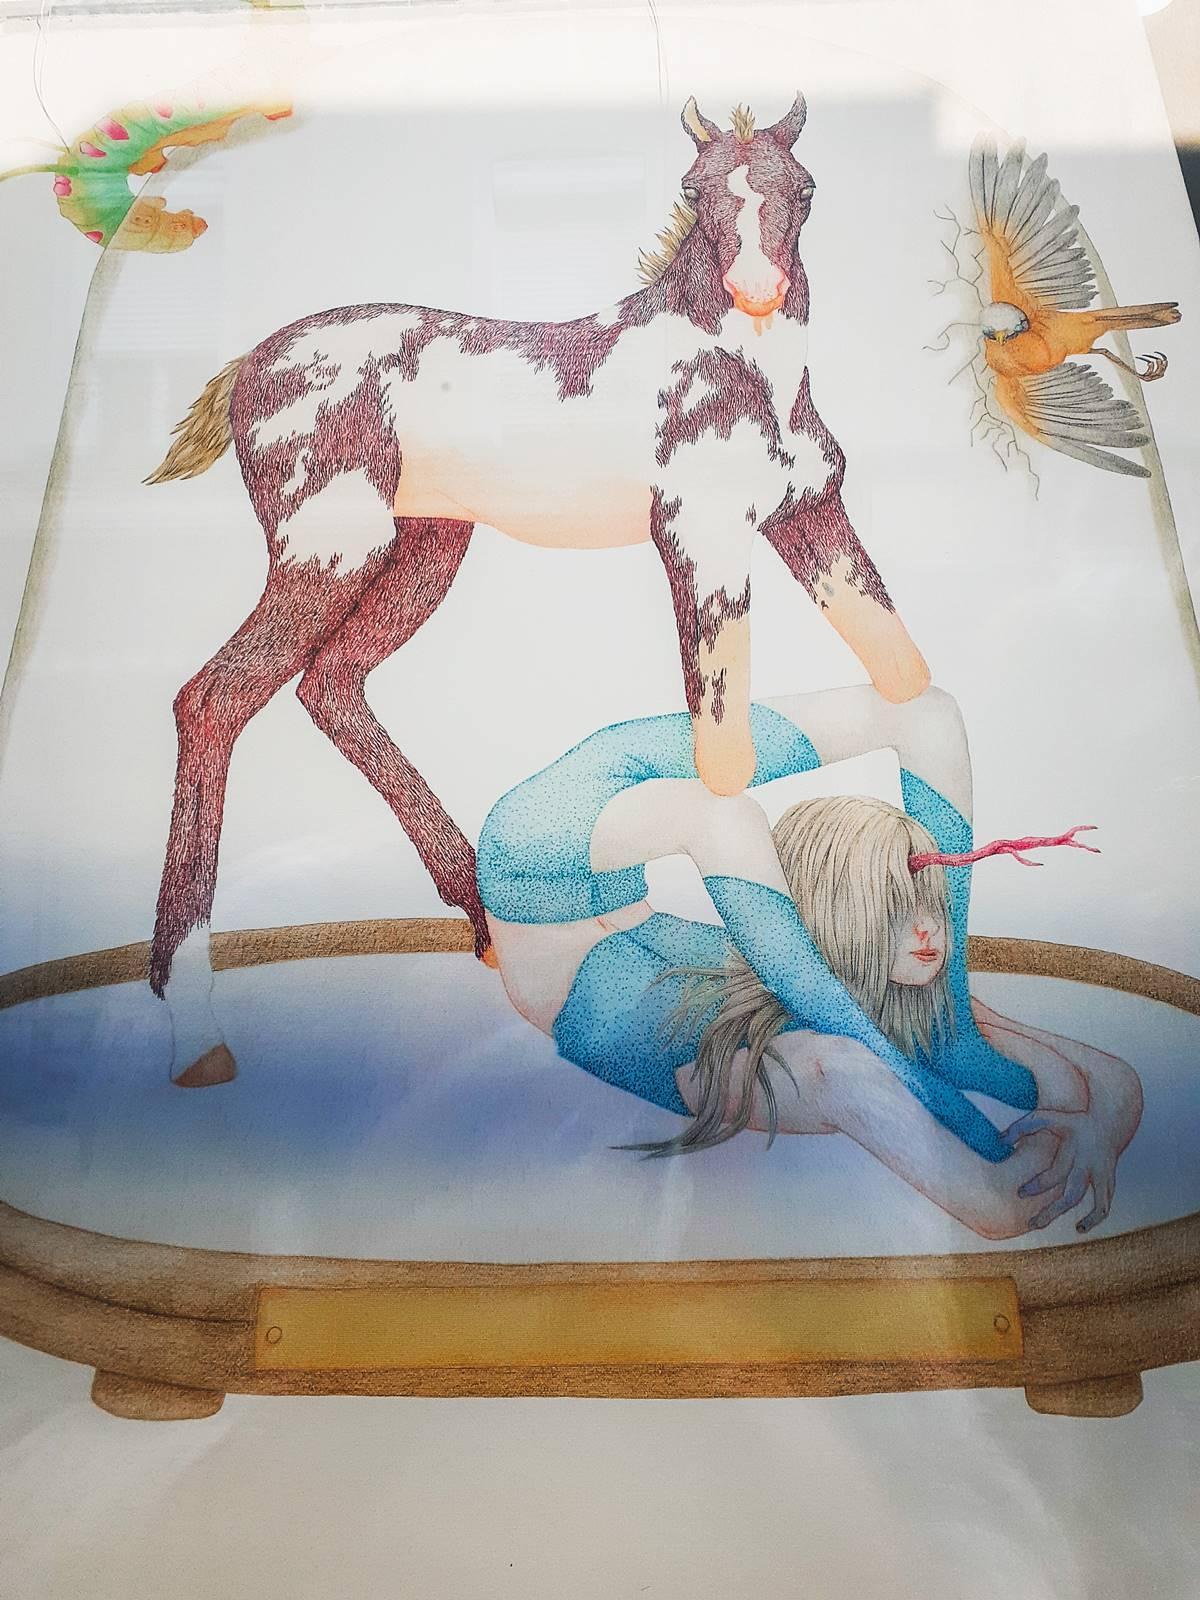 Exposition habiter le possible de delphine vaute001